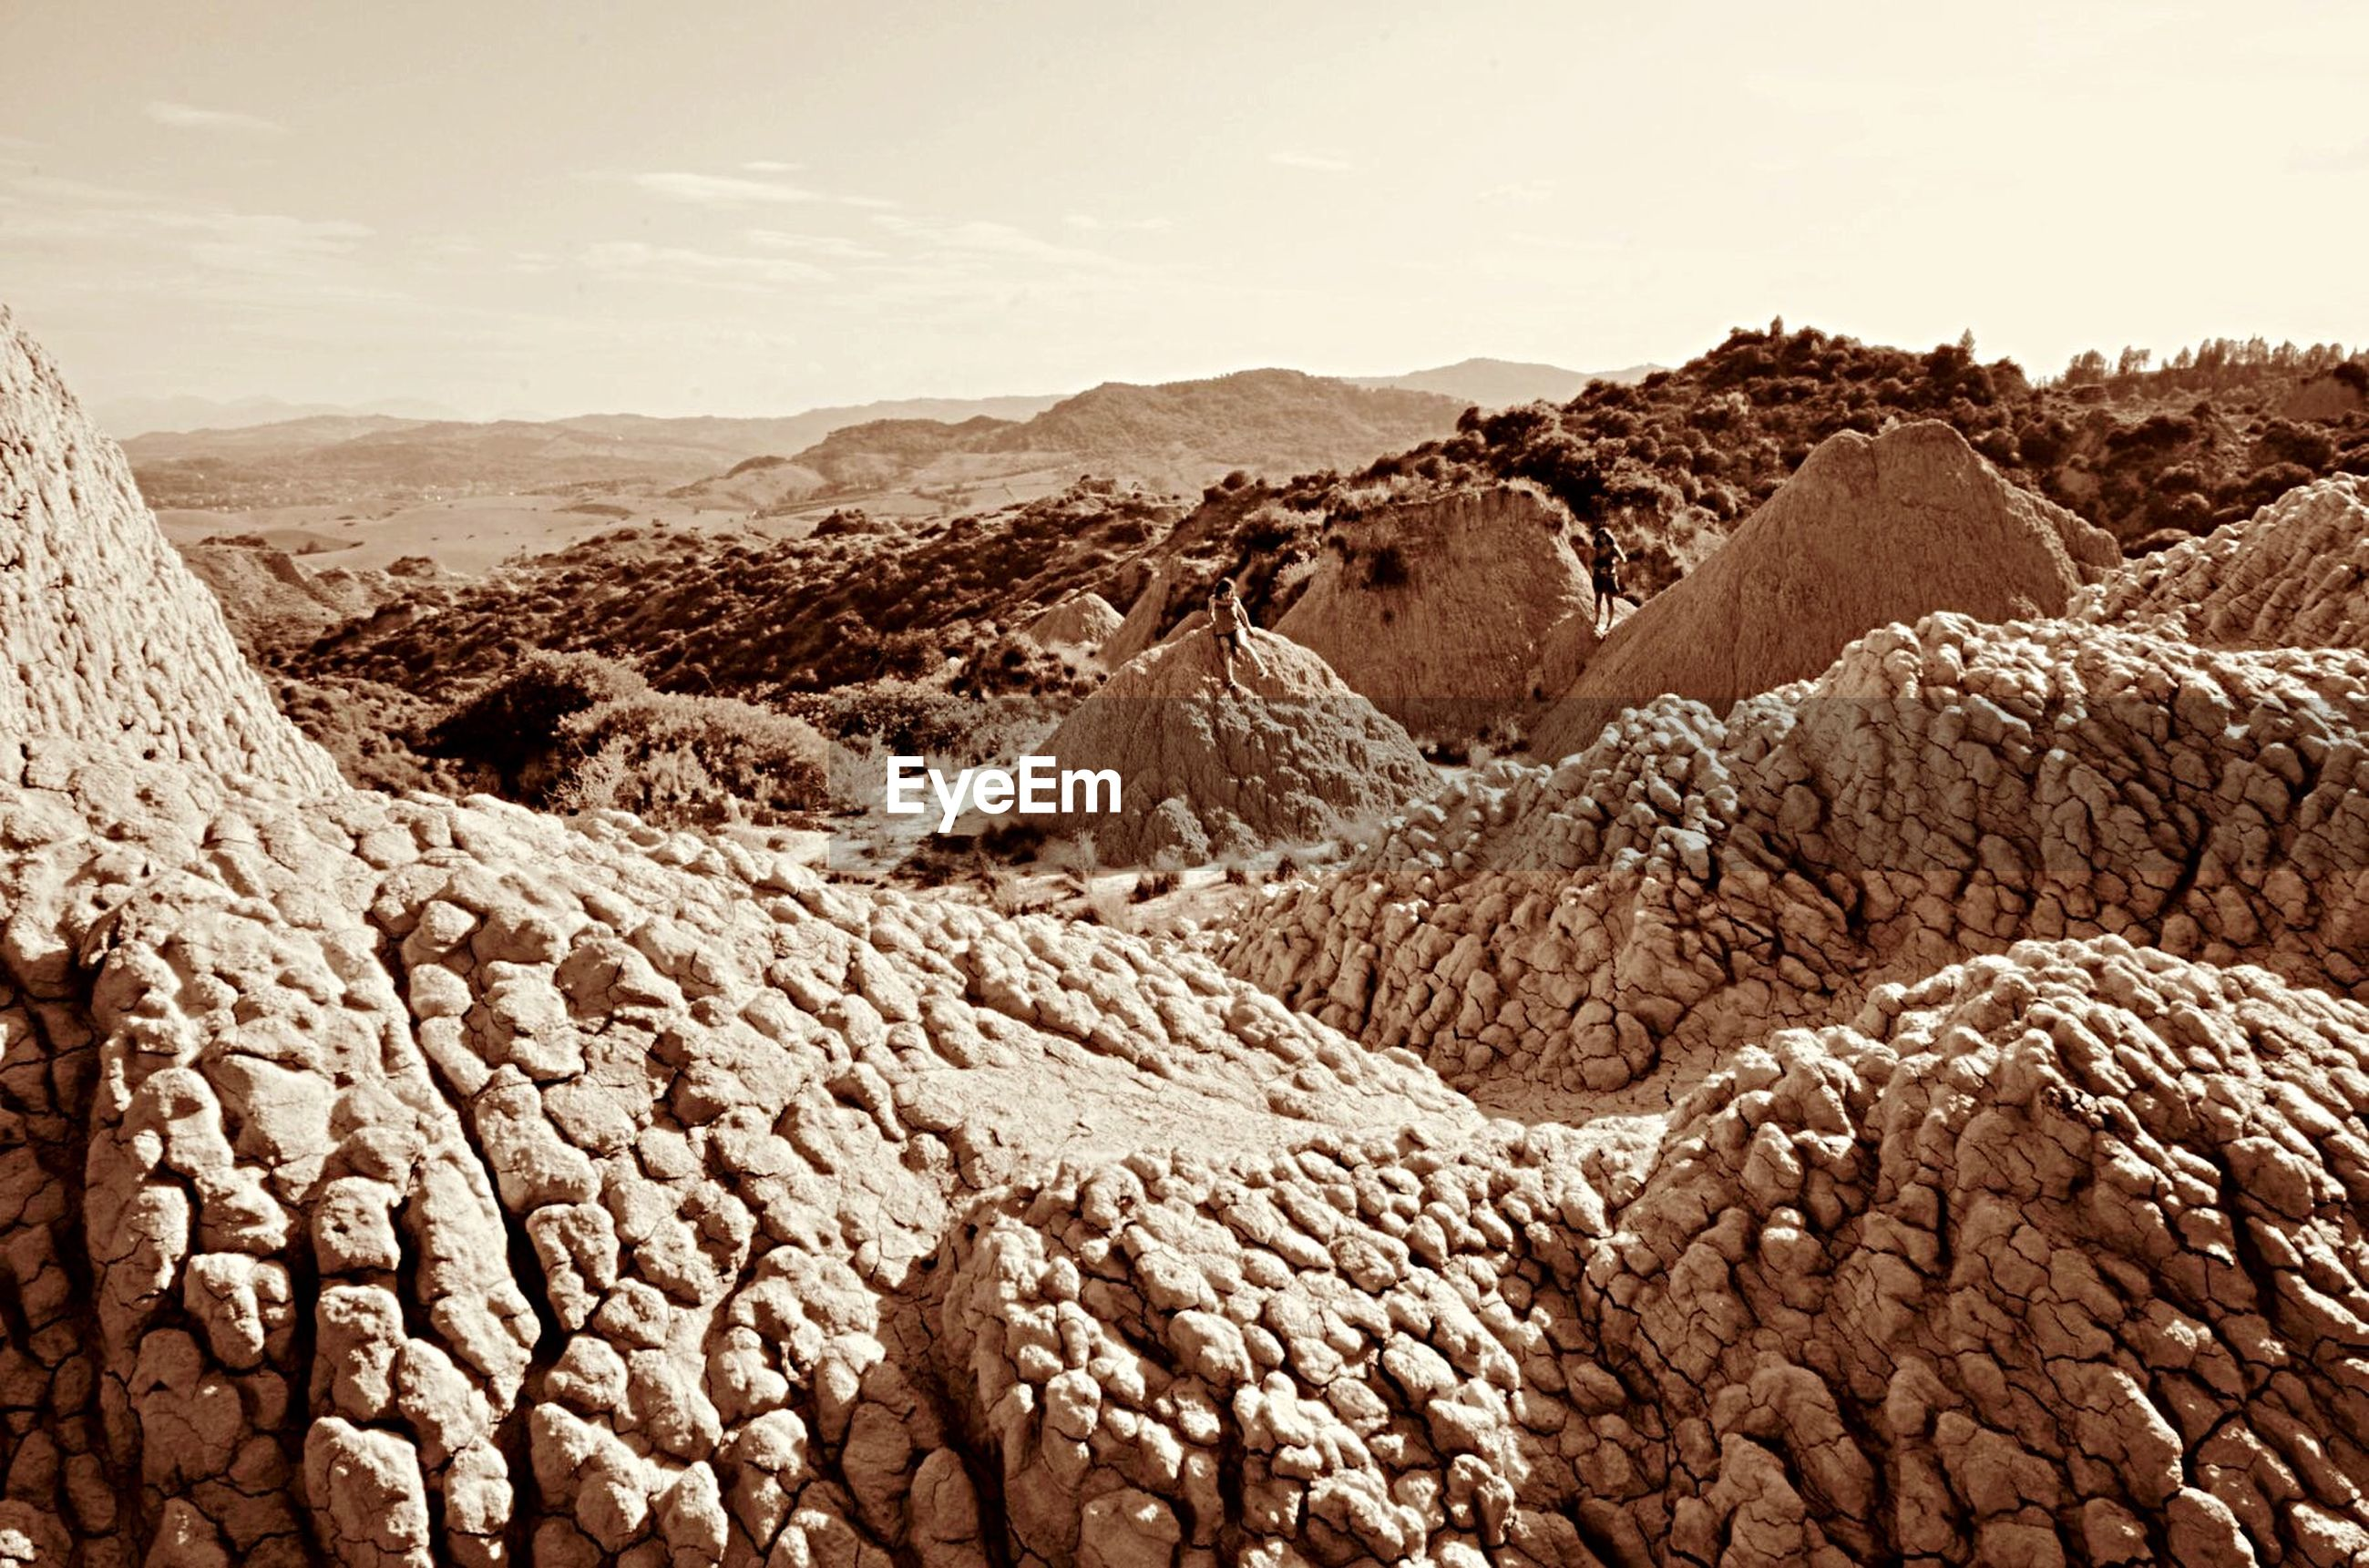 VIEW OF DESERT AGAINST SKY